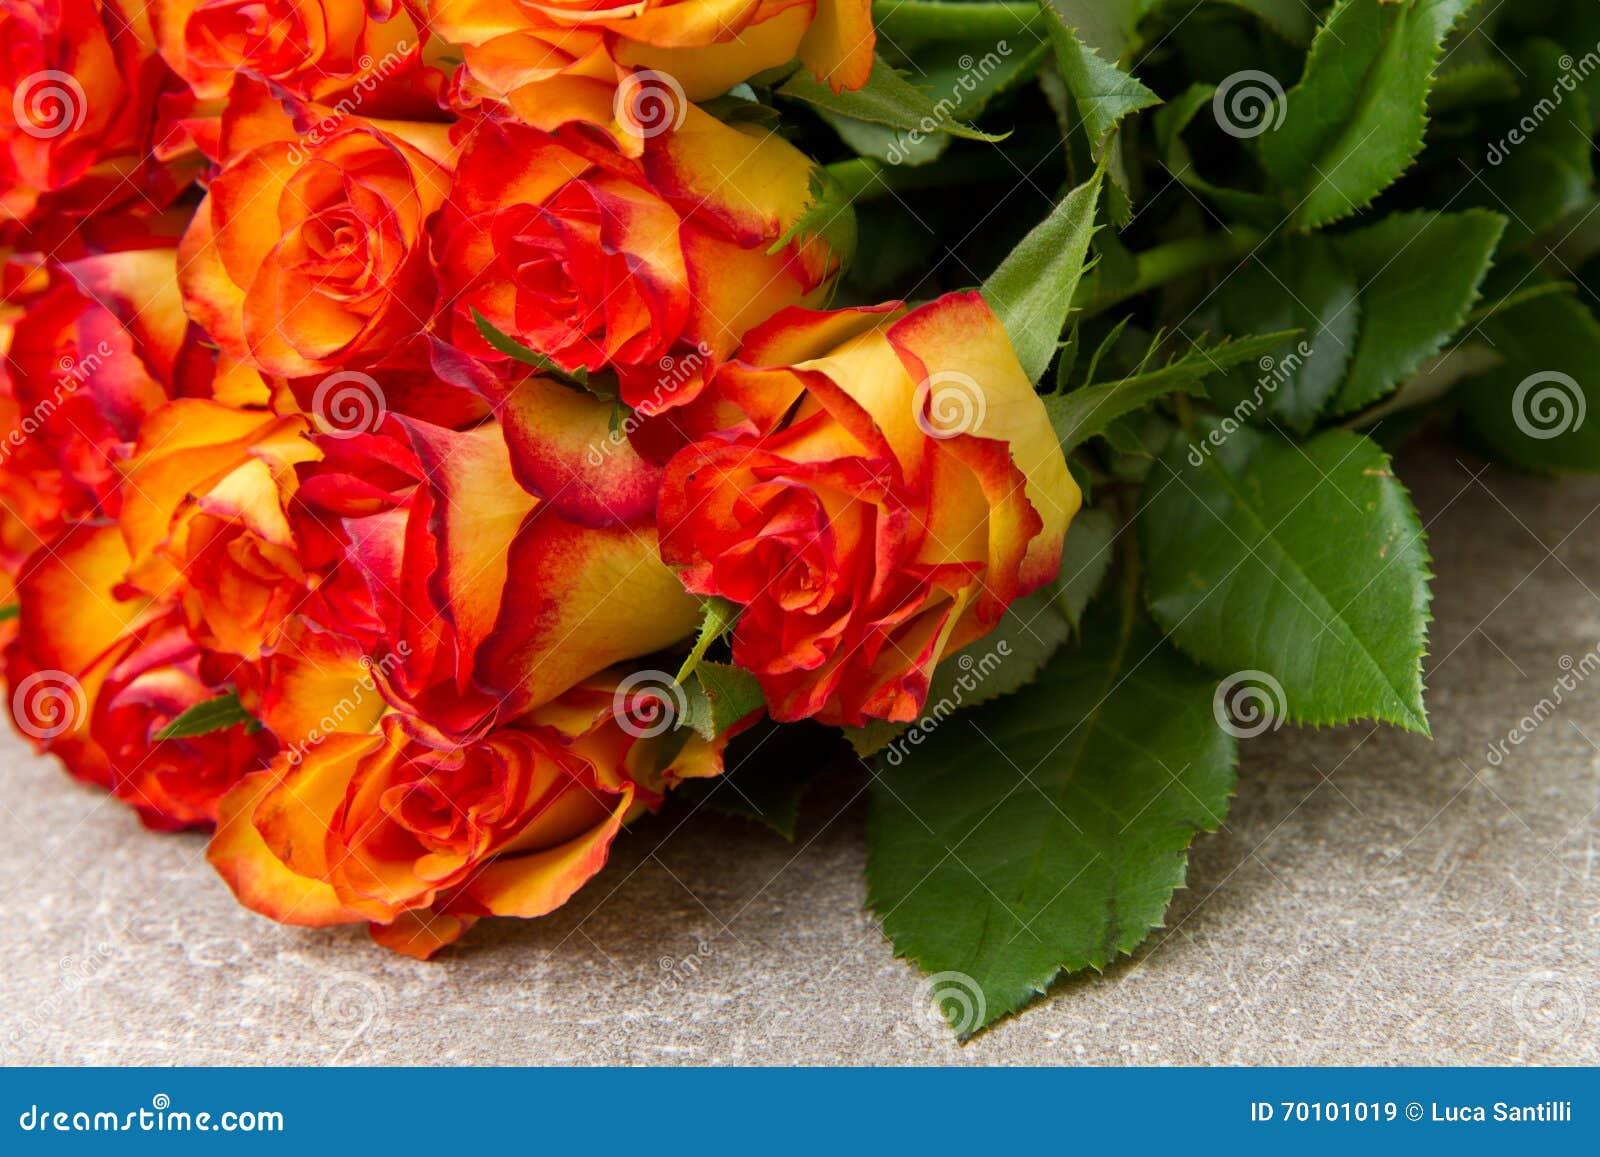 Ramalhete De Rosas Amarelas E Vermelhas Imagem De Stock Imagem De